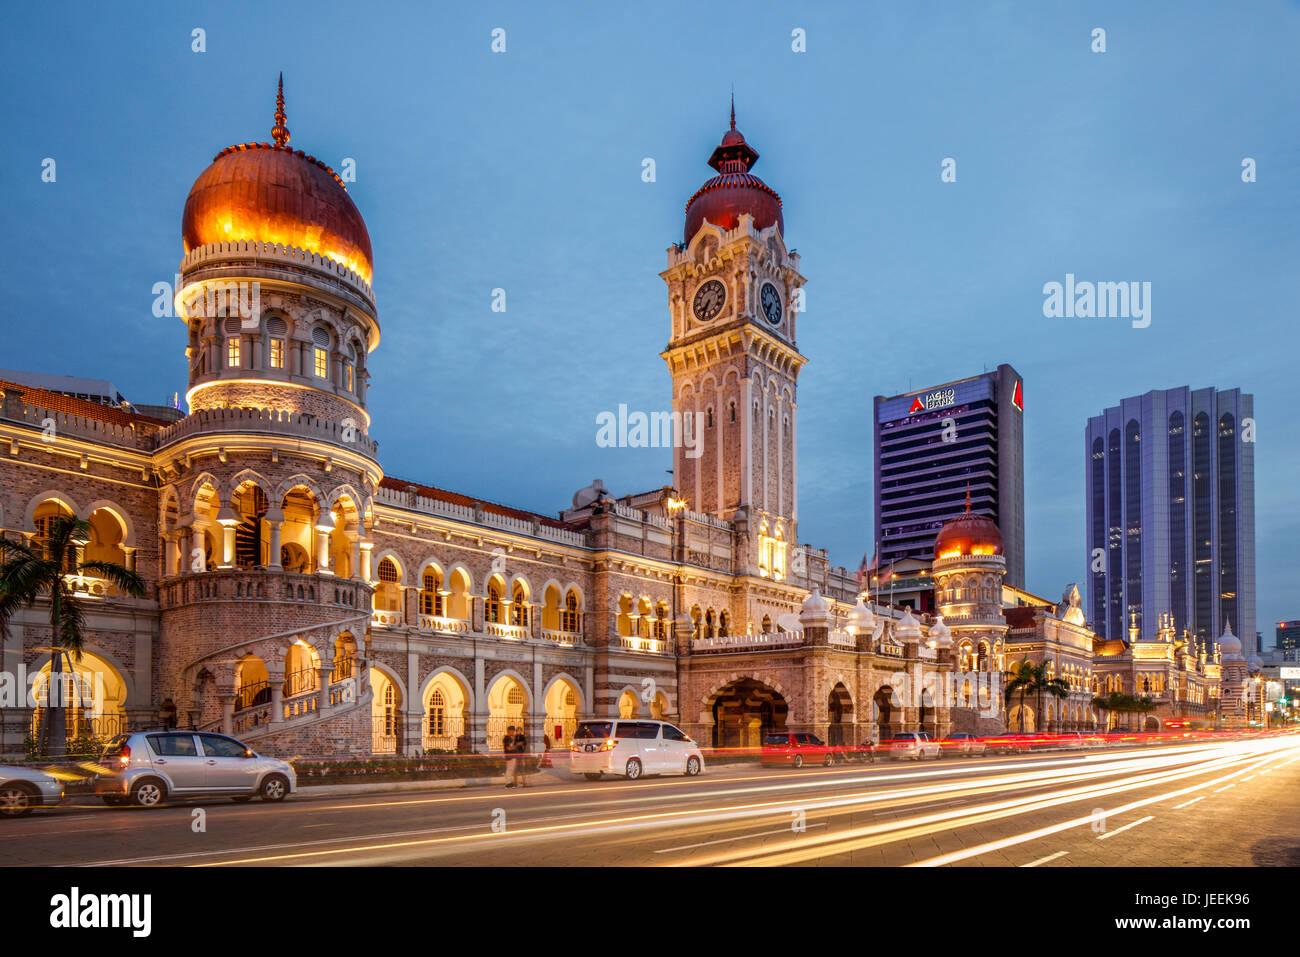 El edificio Sultán Abdul Samad, Kuala Lumpur, Malasia. Imagen De Stock